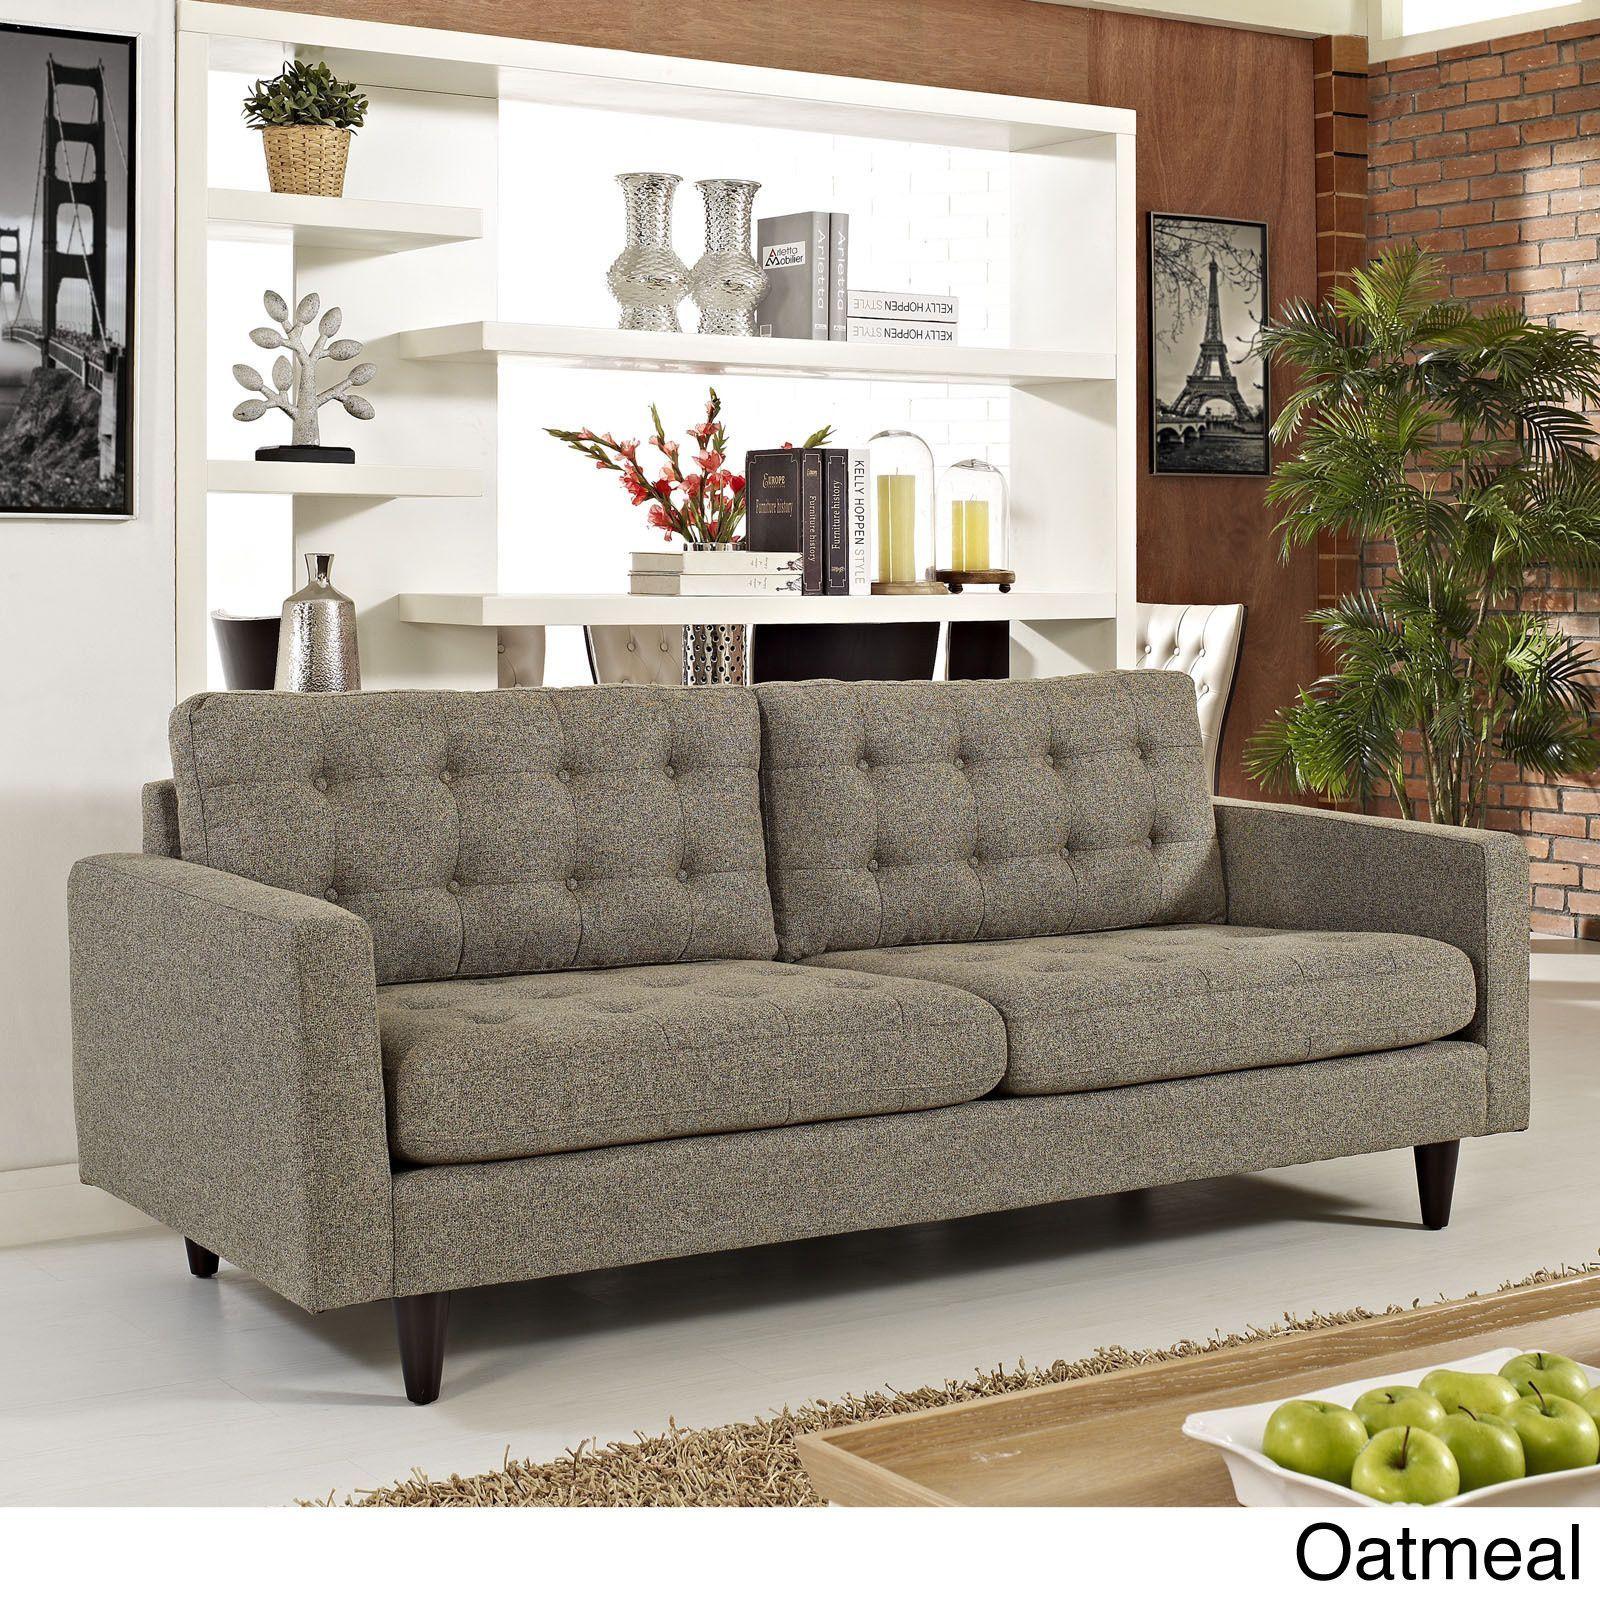 carson carrington humlebaek upholstered sofa in 2019 interiors rh ar pinterest com